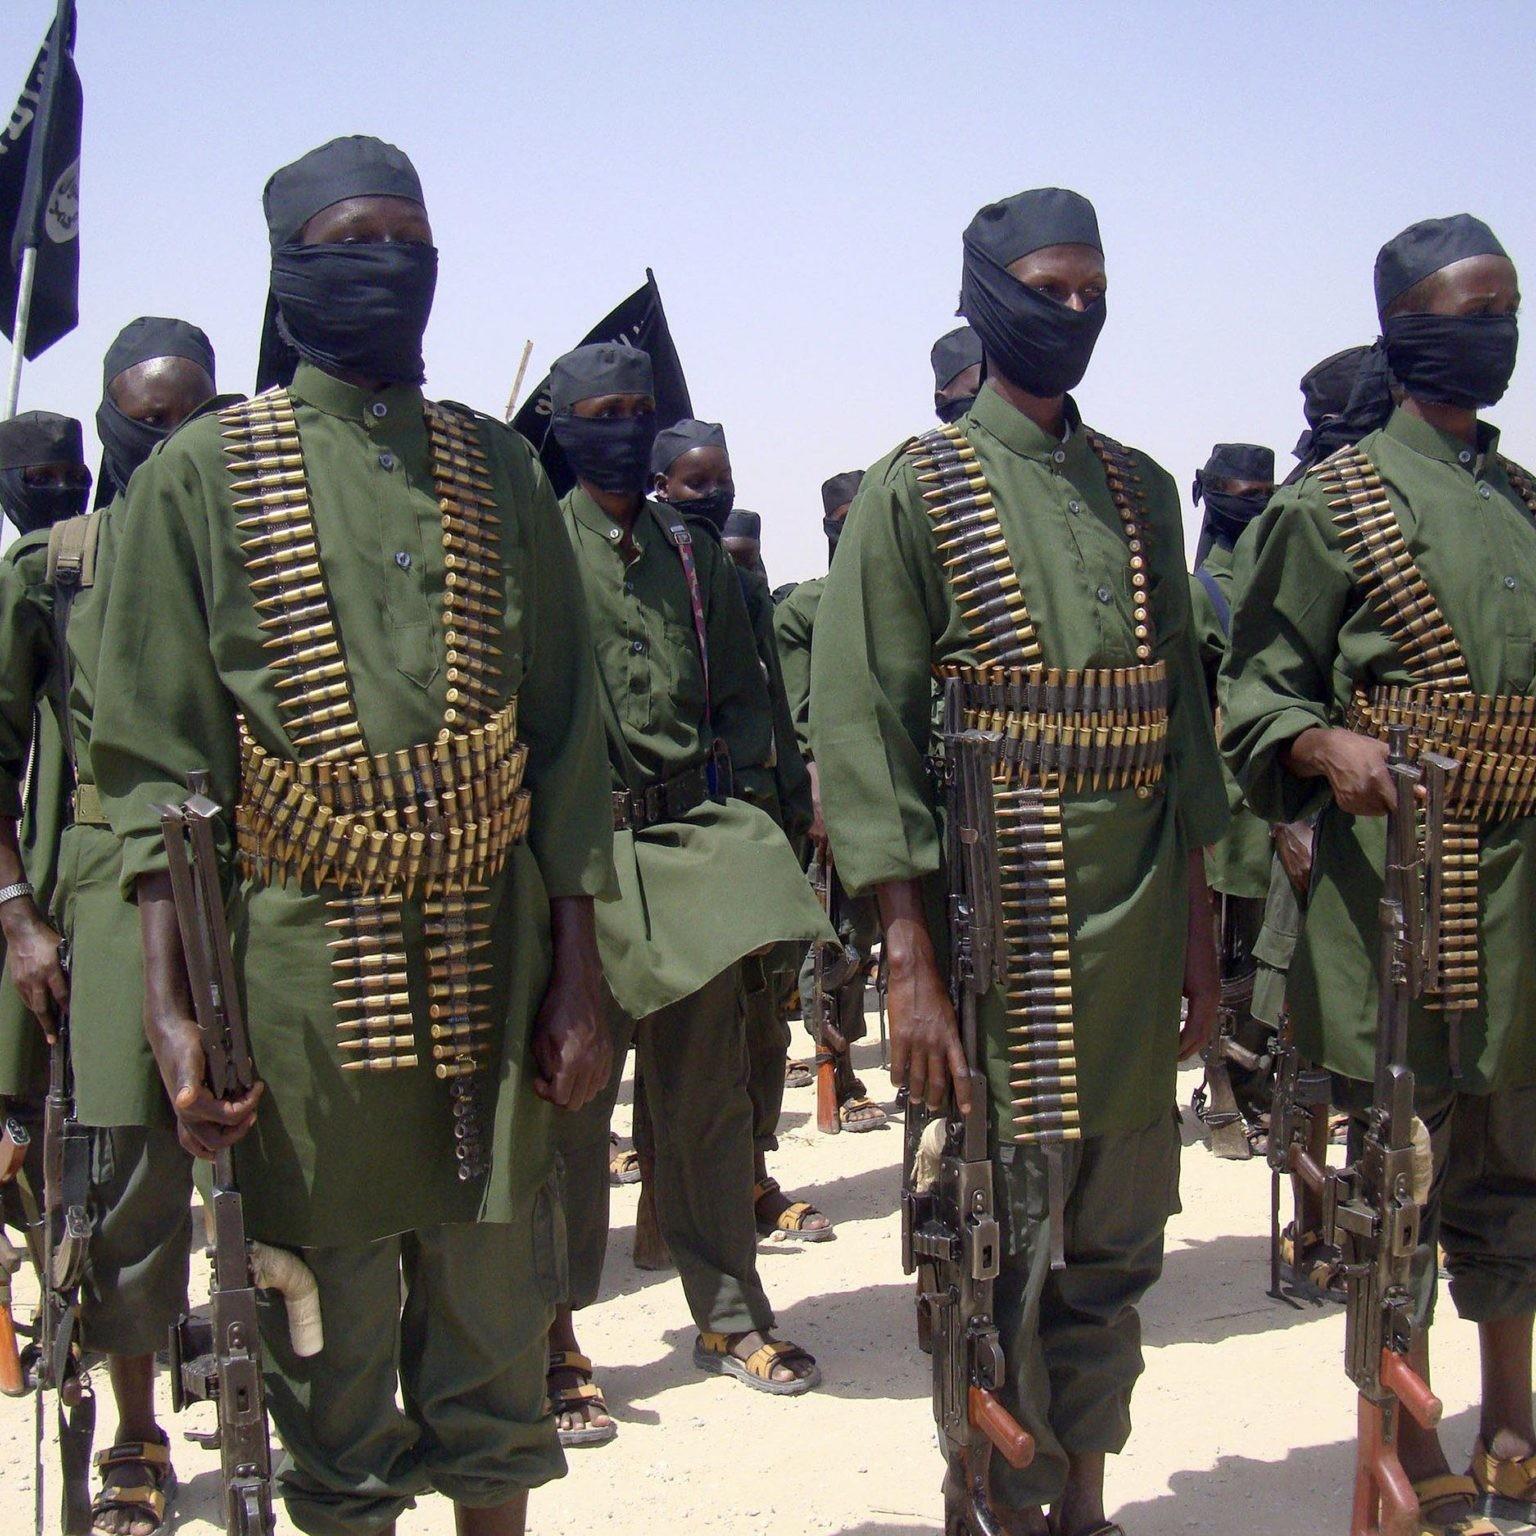 Gli Shabaab parlano e i grillini non capiscono